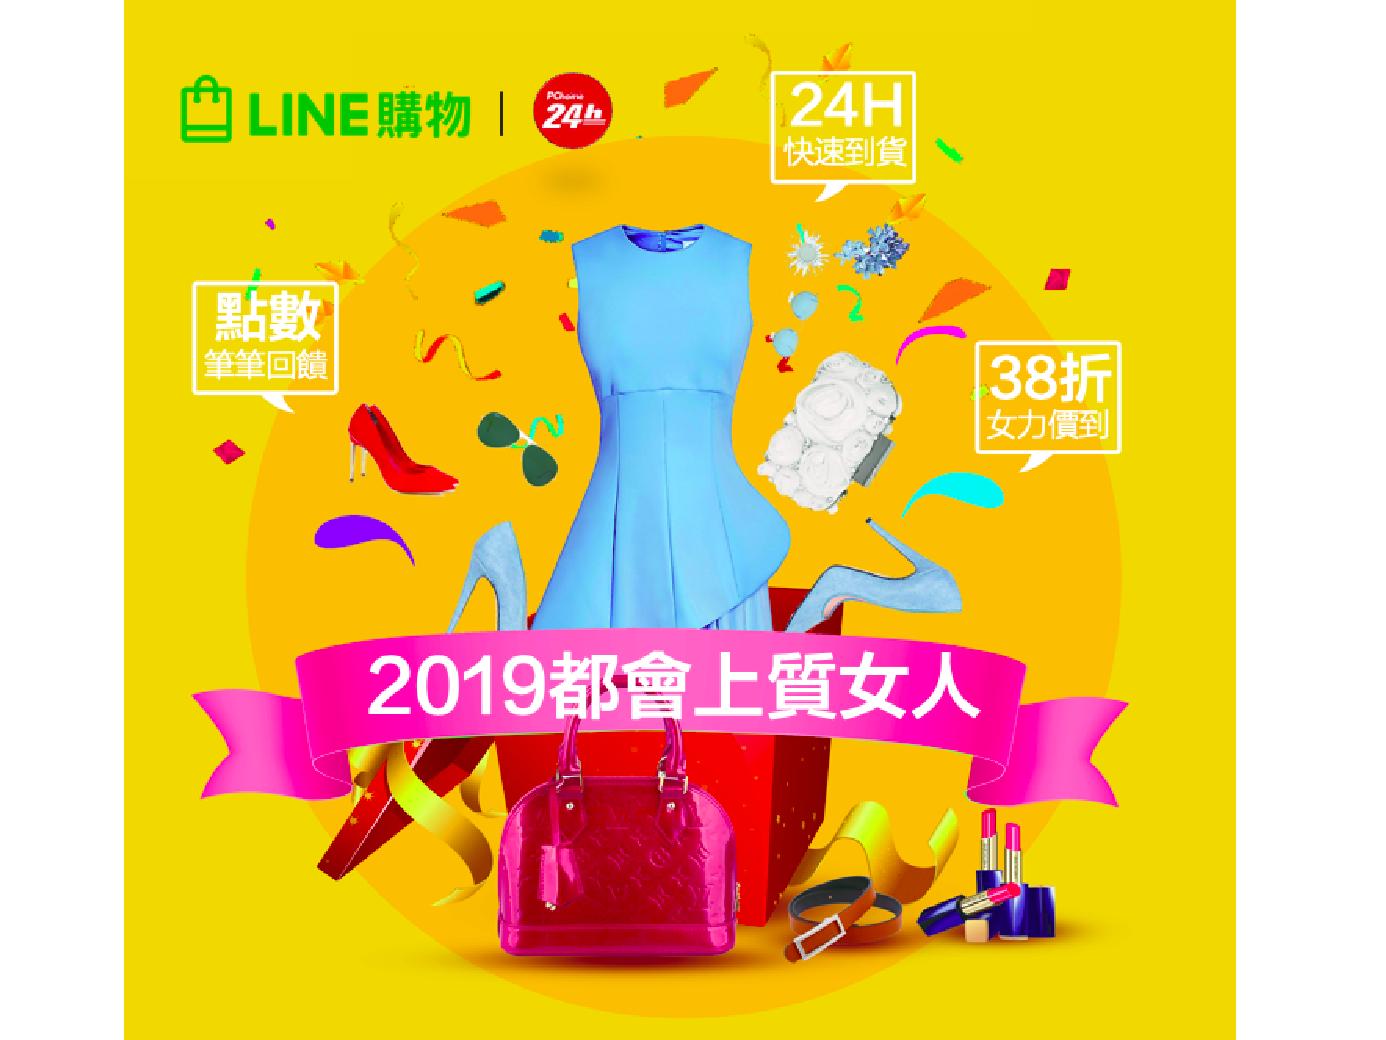 都會上質女人快到LINE購物xPChome24h購物買個犒賞自己的禮物吧!